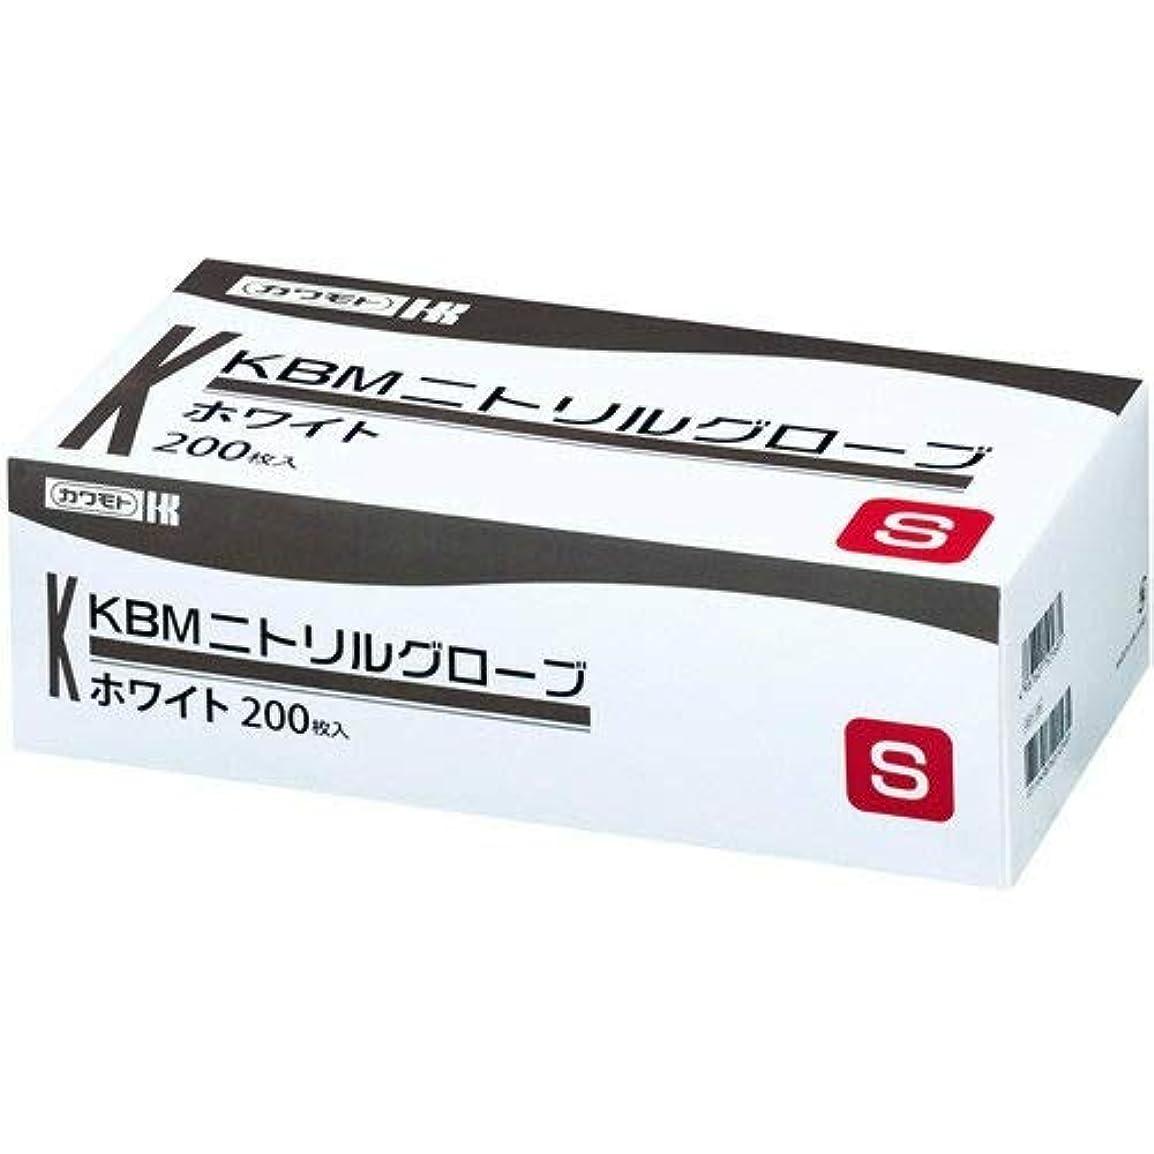 バター未知のバレーボール川本産業 カワモト ニトリルグローブ ホワイト S 200枚入